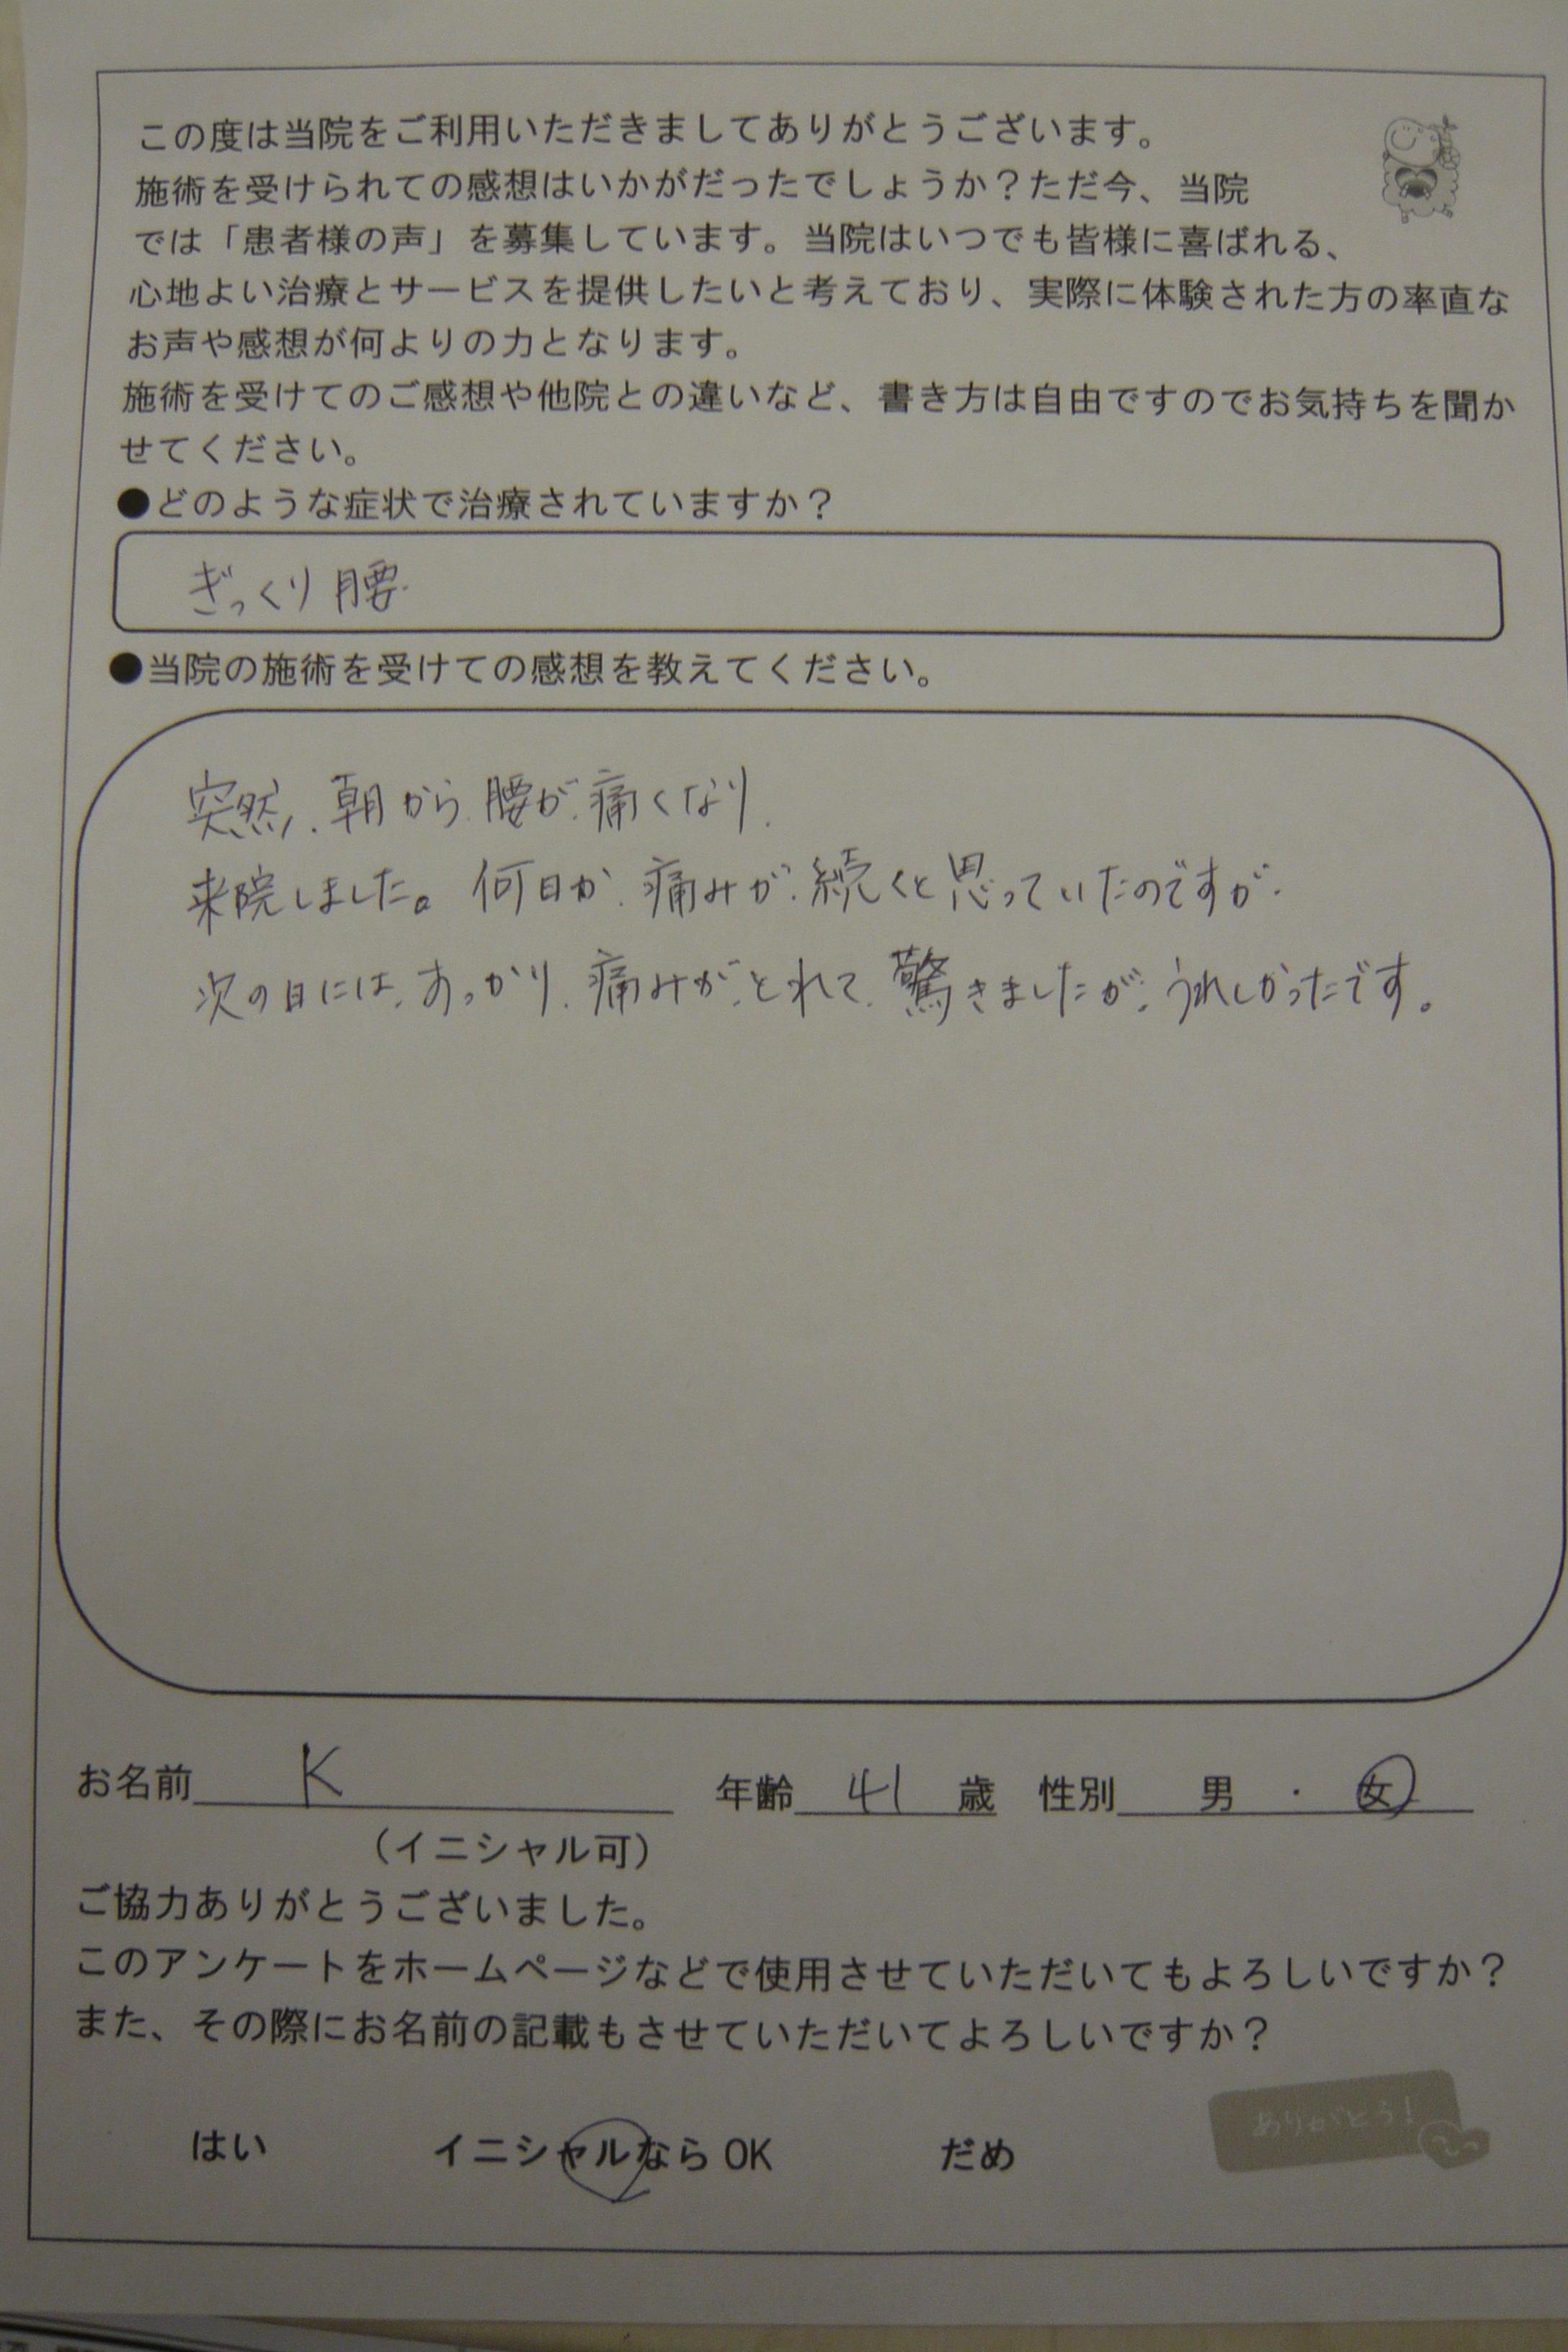 栗延様コメント.JPG